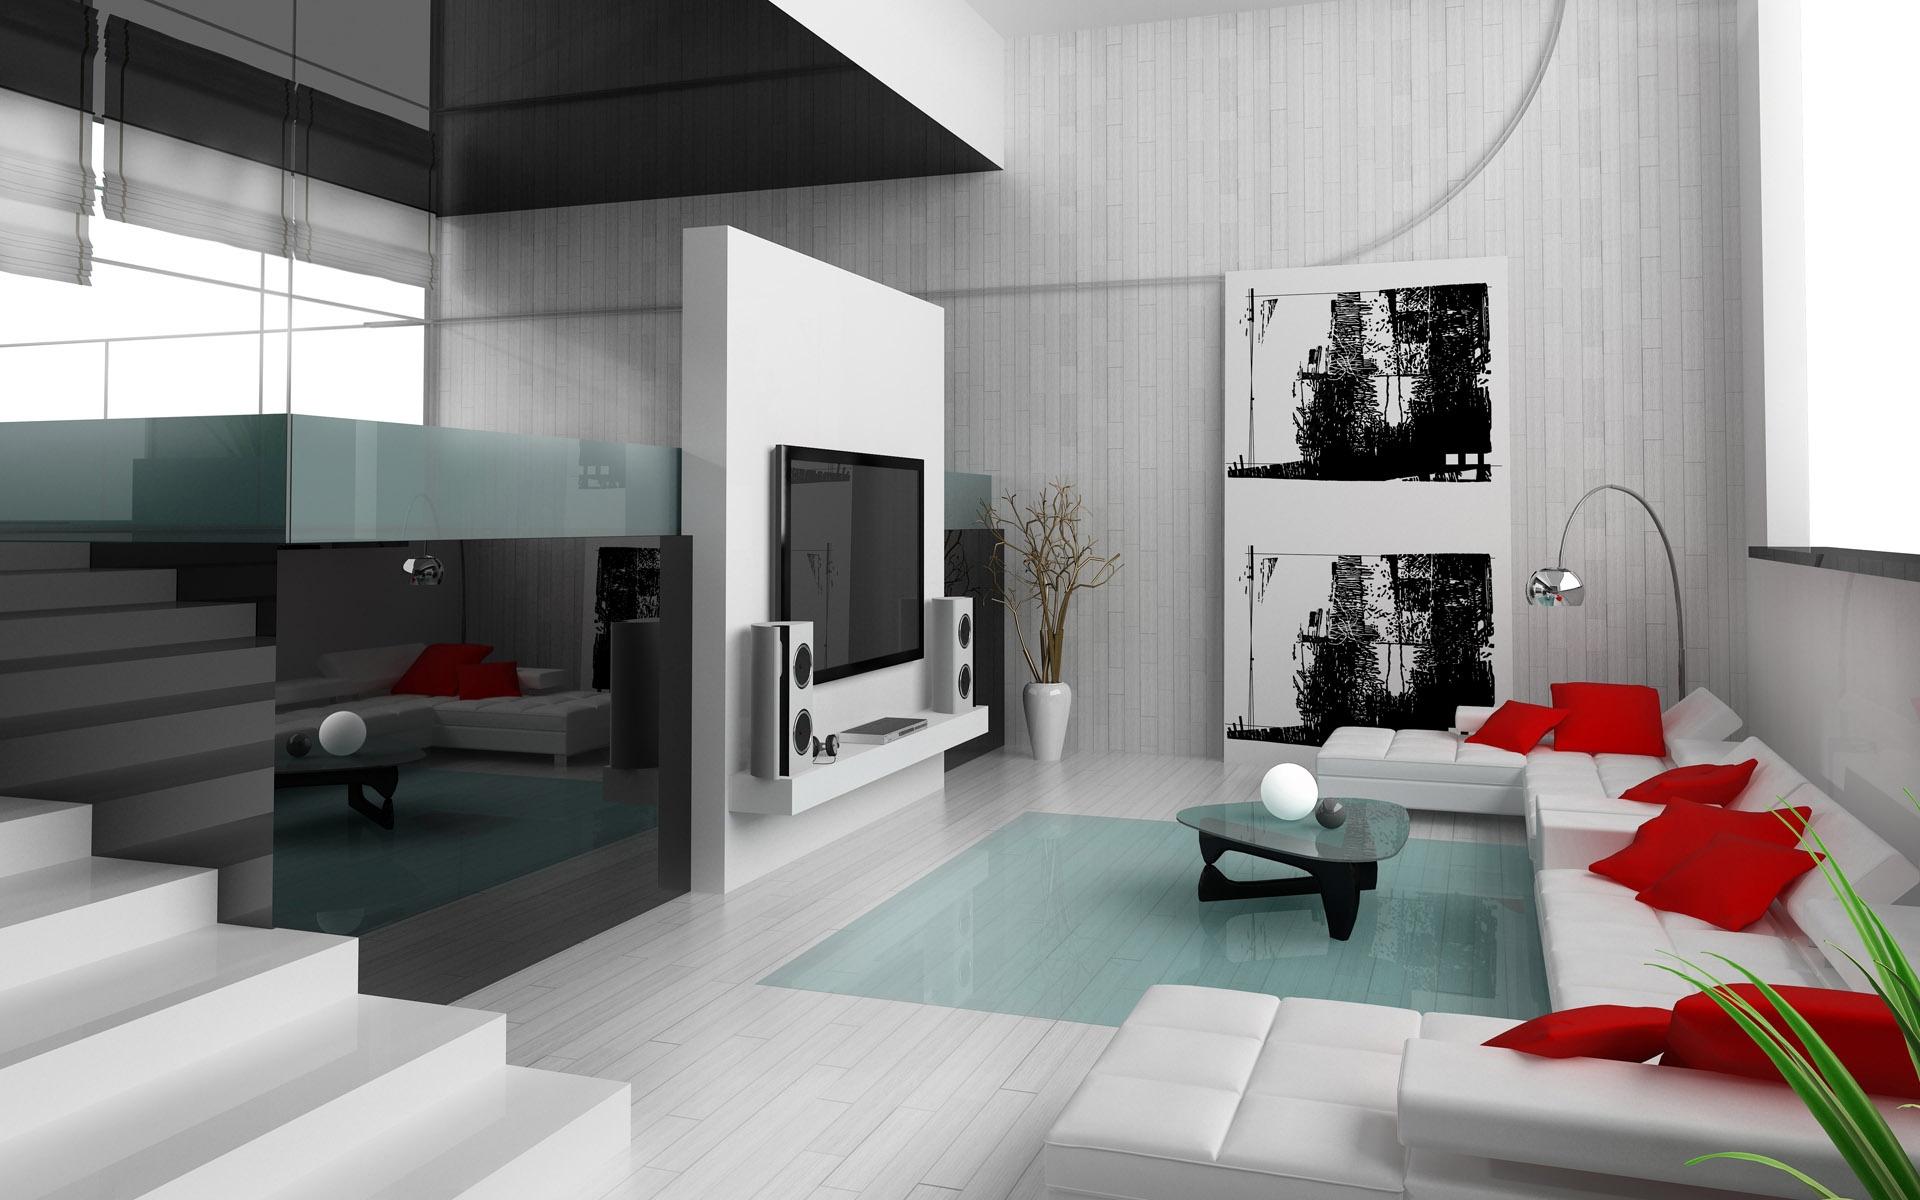 Die Architektur Zimmer Innere Tabelle Innenarchitektur Beleuchtung Entwurf  Stock Zuhause Decke Leiter Professional Stilvoll Dachboden Bodenbelag